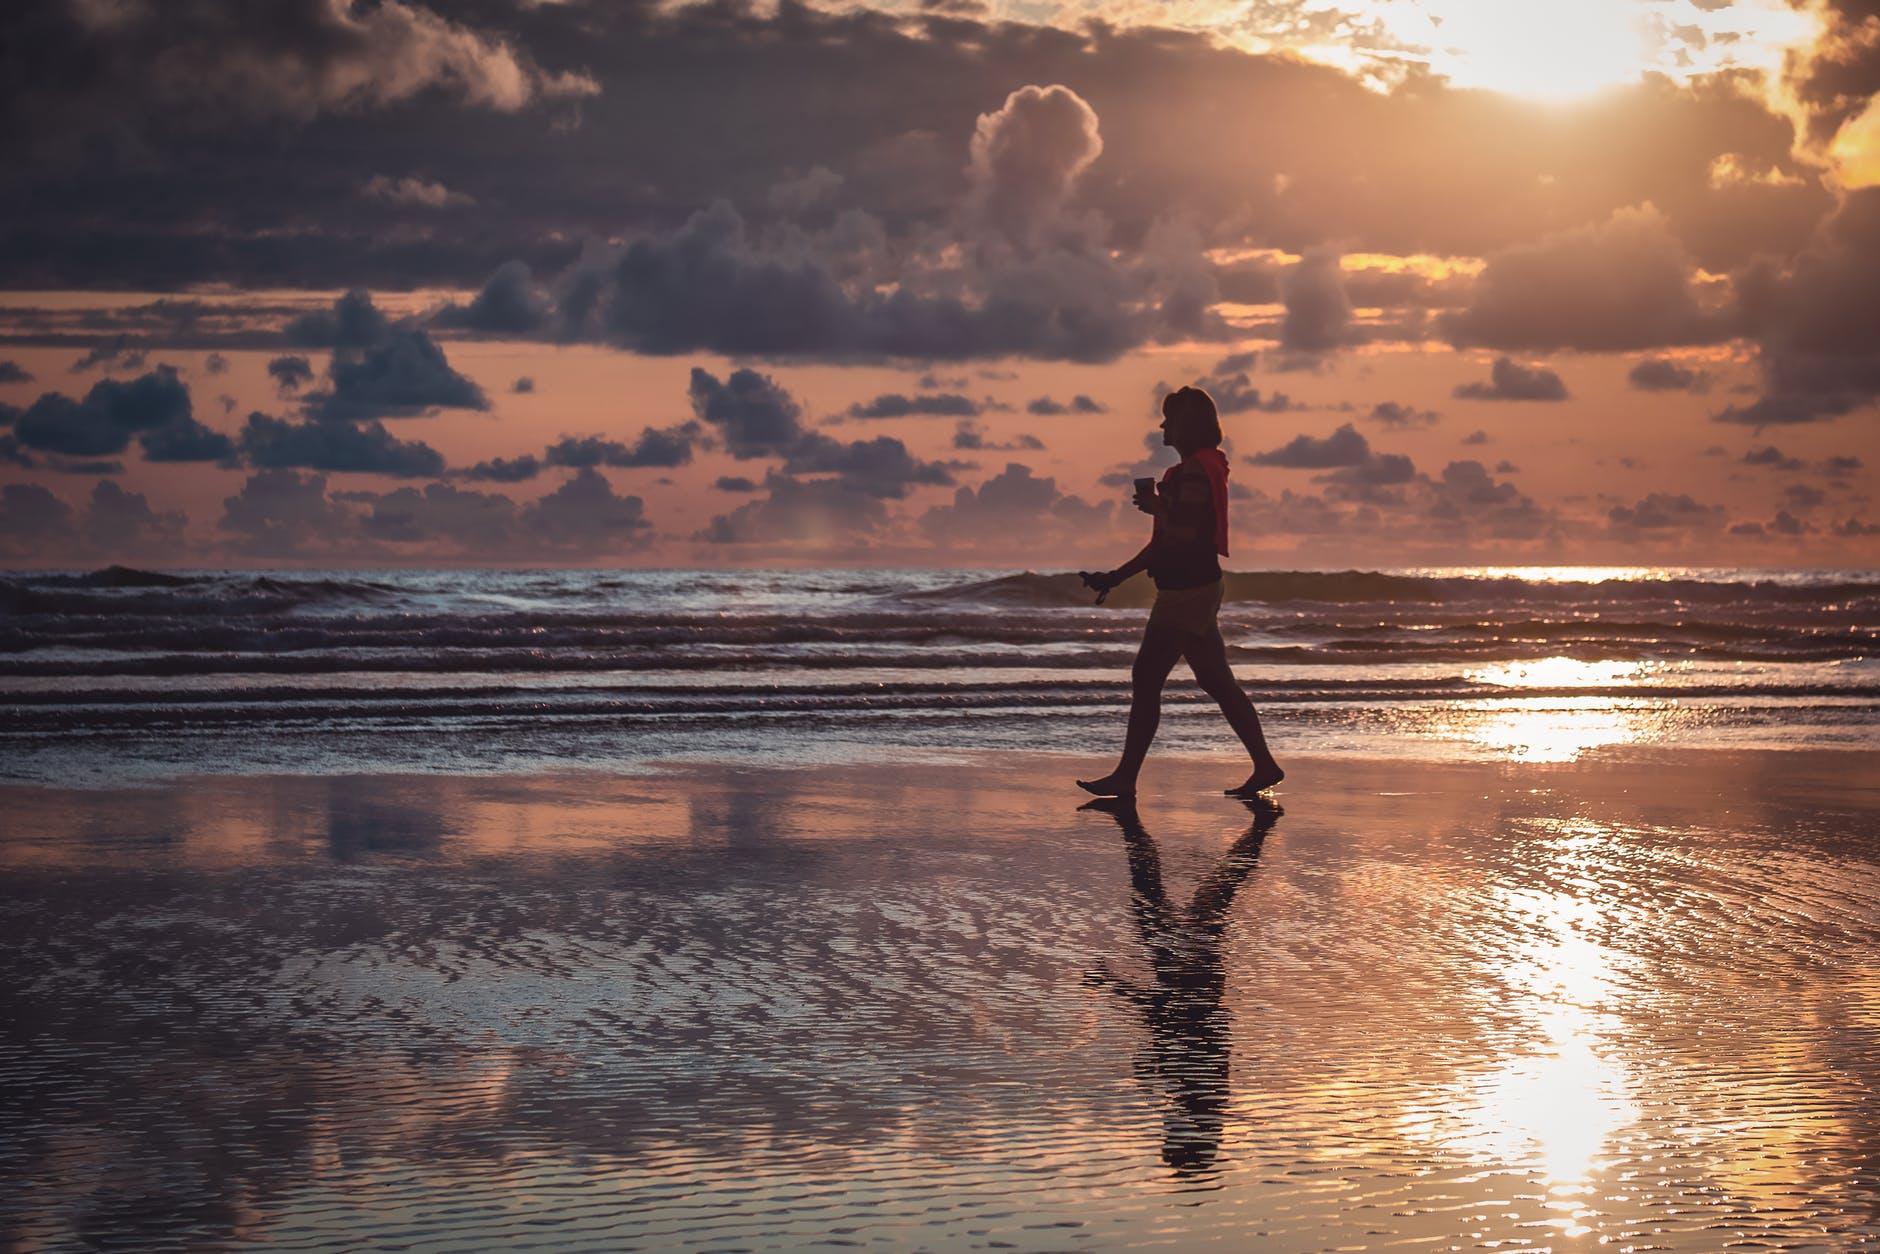 mare-camminare-riva-sea-shore-sun-sole-tramonto-nuvole